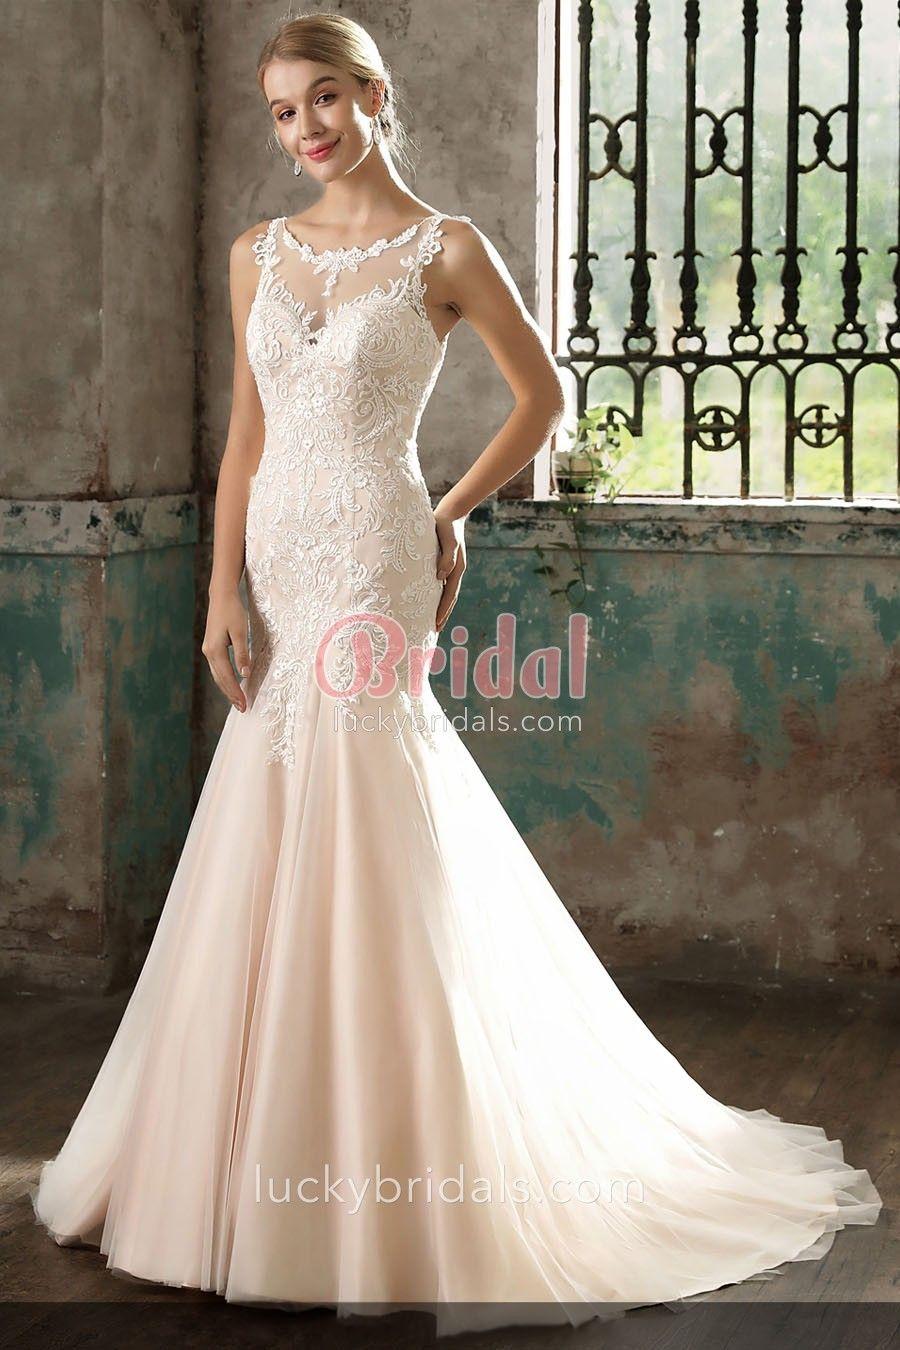 ef1b47dc5cdd Blush Lace Wedding Dress Mermaid